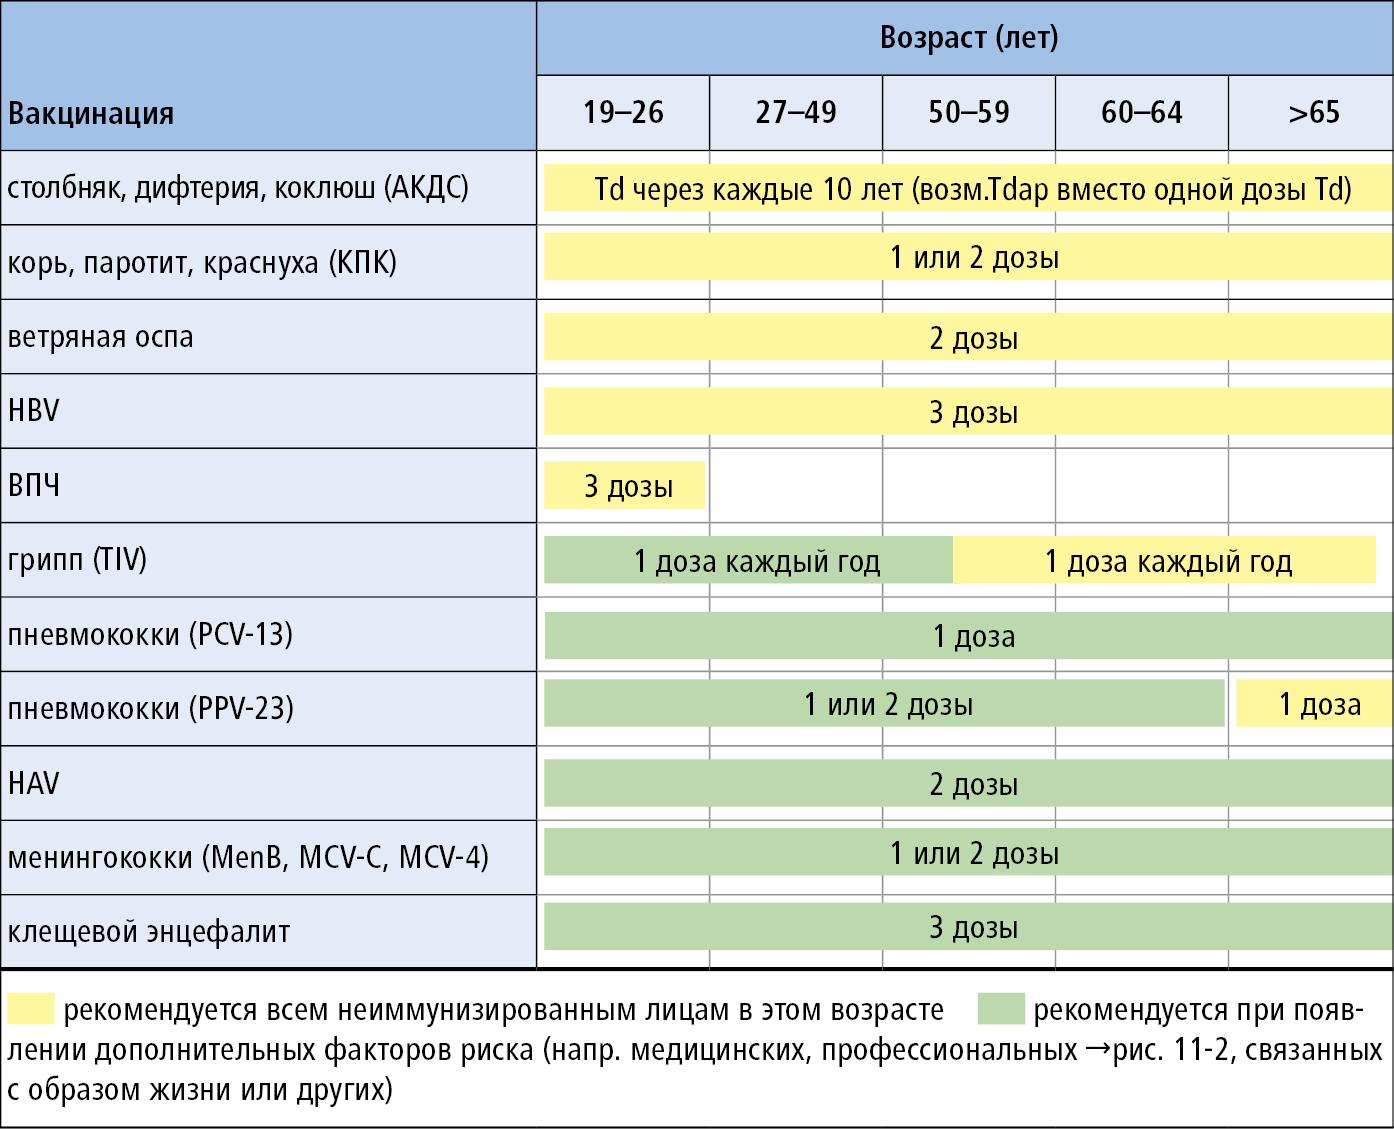 Правильная схема вакцинации прививками от клещевого энцефалита изоражения